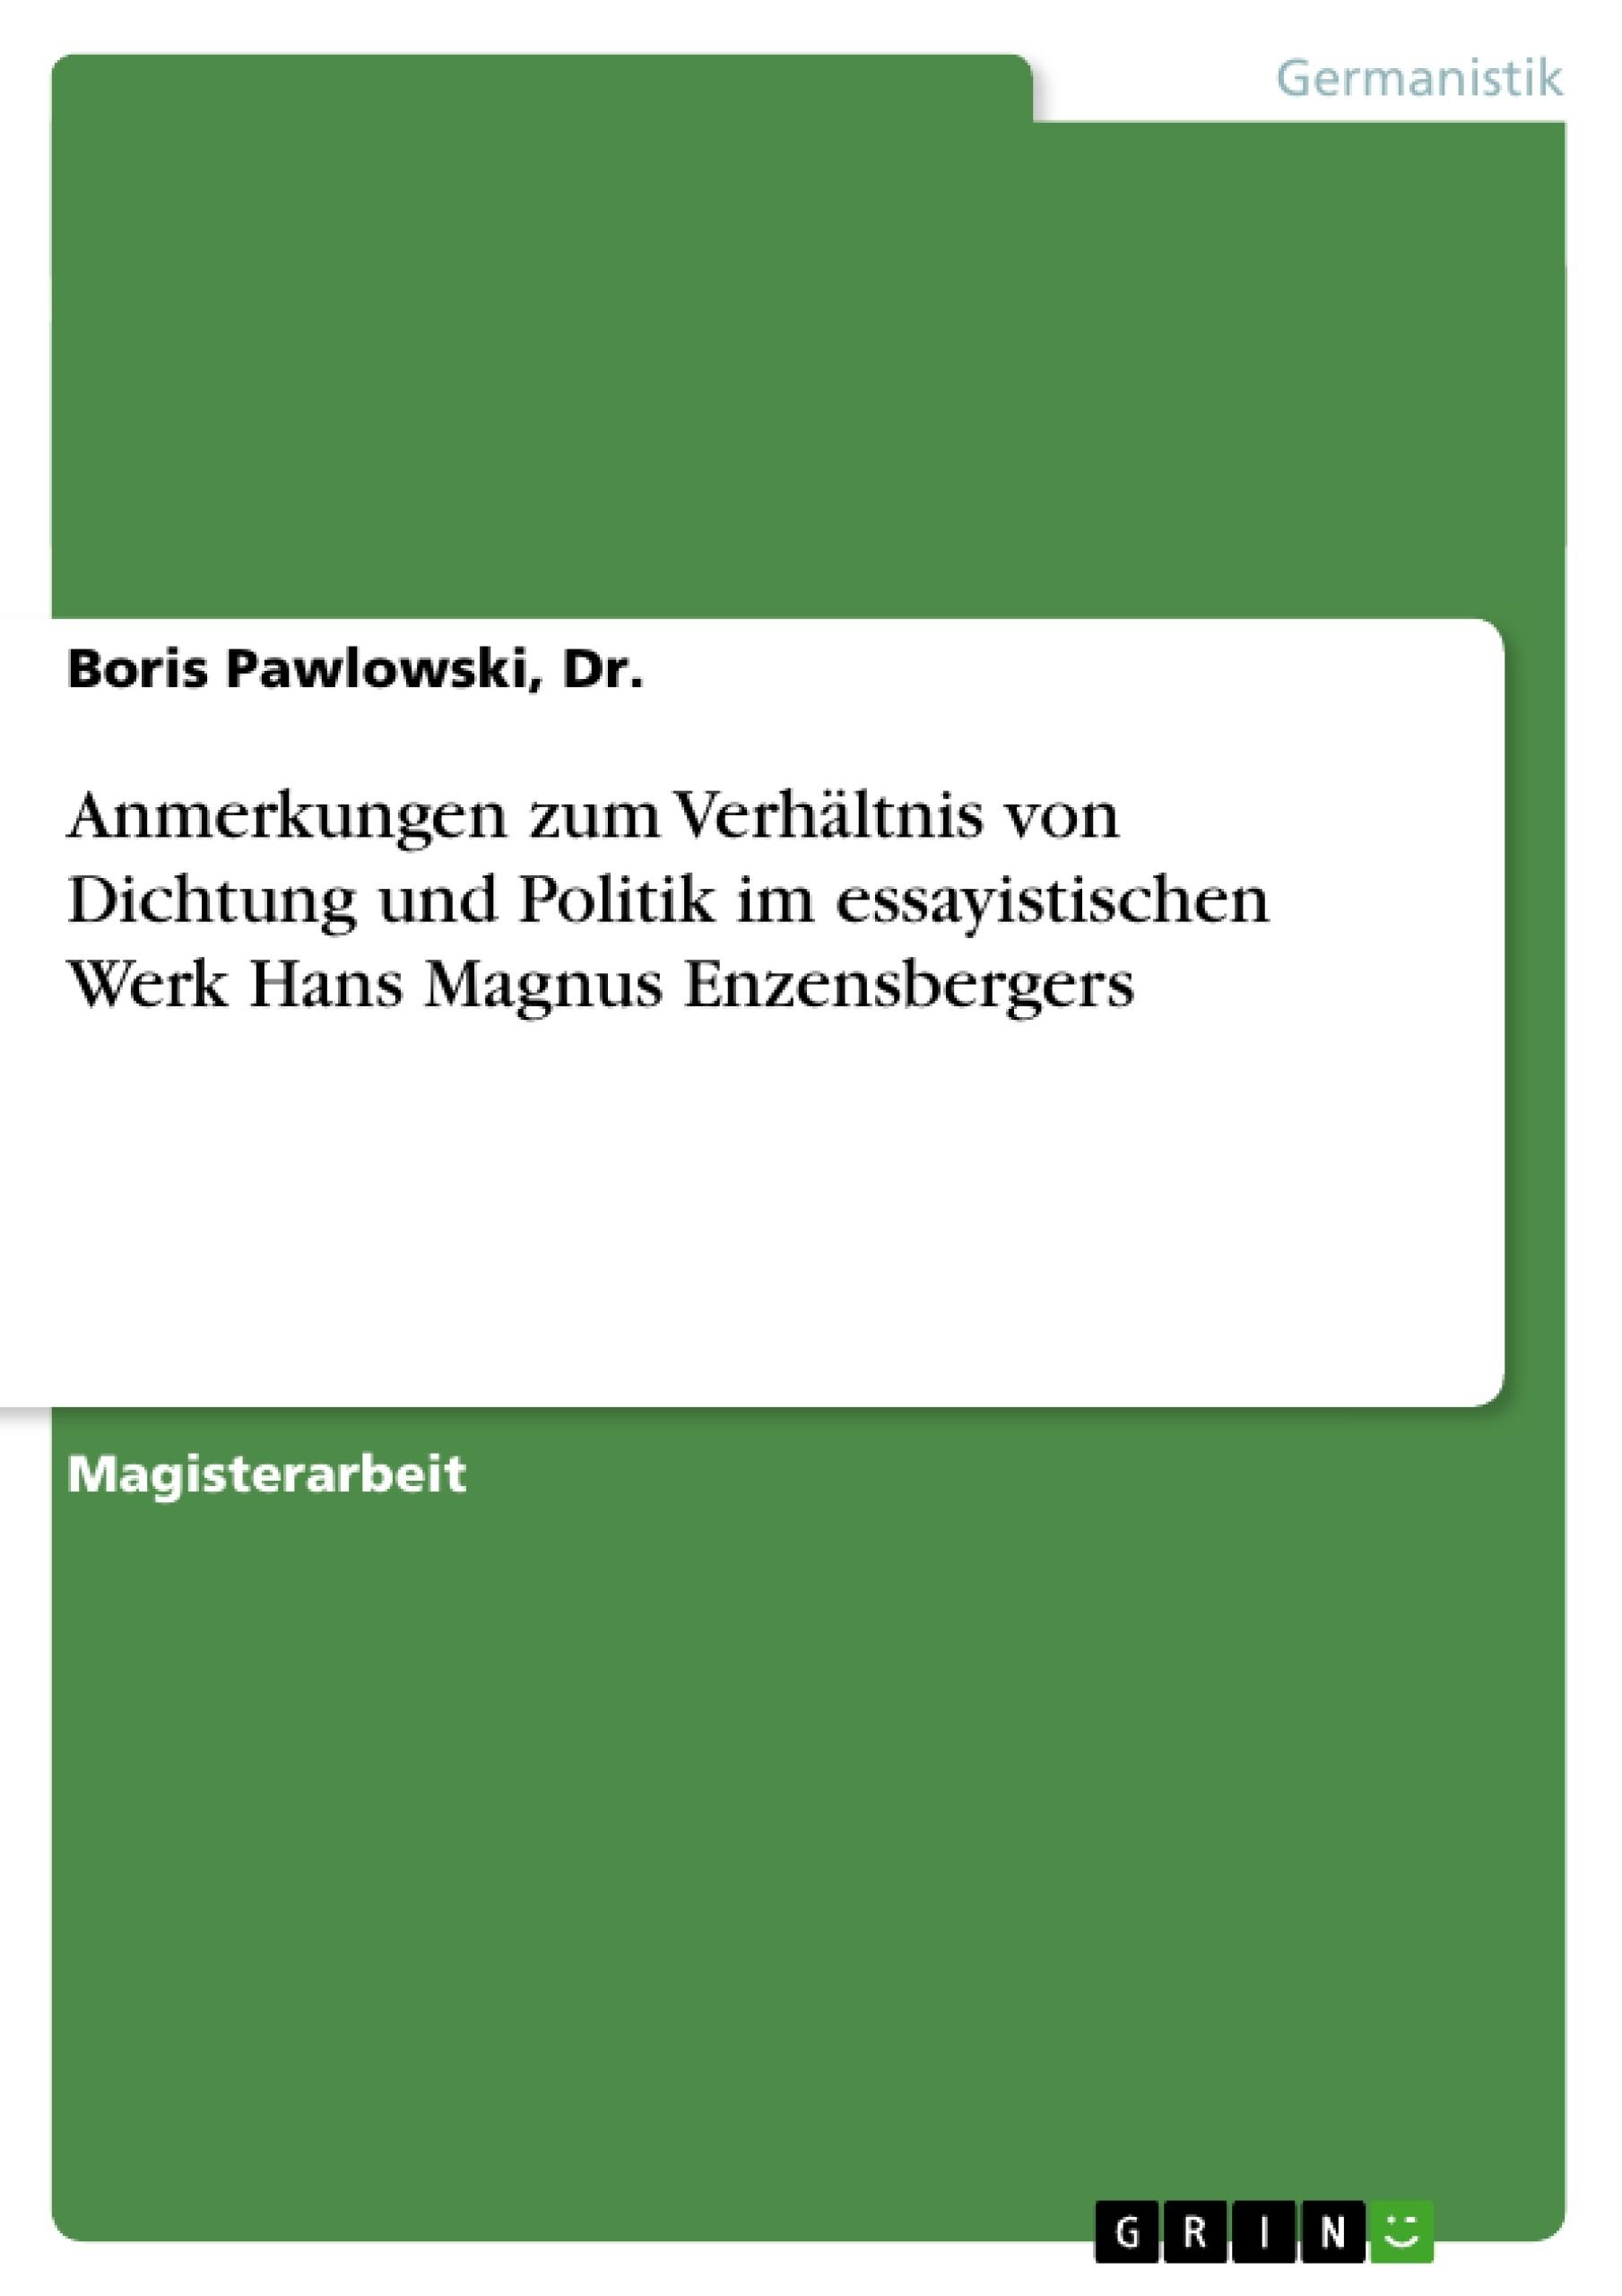 Titel: Anmerkungen zum Verhältnis von Dichtung und Politik im essayistischen Werk Hans Magnus Enzensbergers